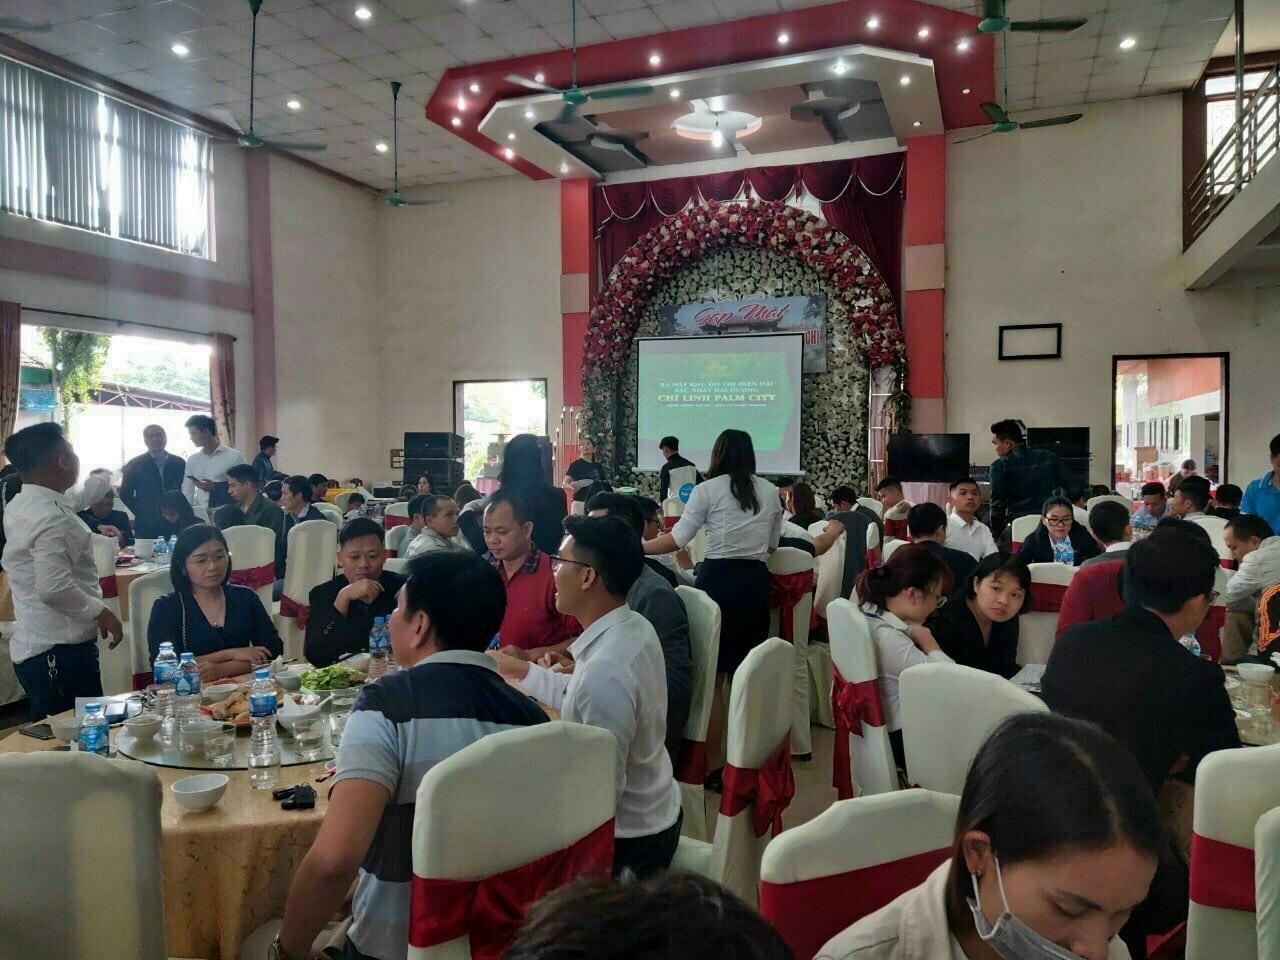 Mở bán Đợt 1 với 84 lô Đất nền Liền kề Nhà vườn Biệt thự giá chỉ 13,1 triệu / m2 Chí Linh Palm City